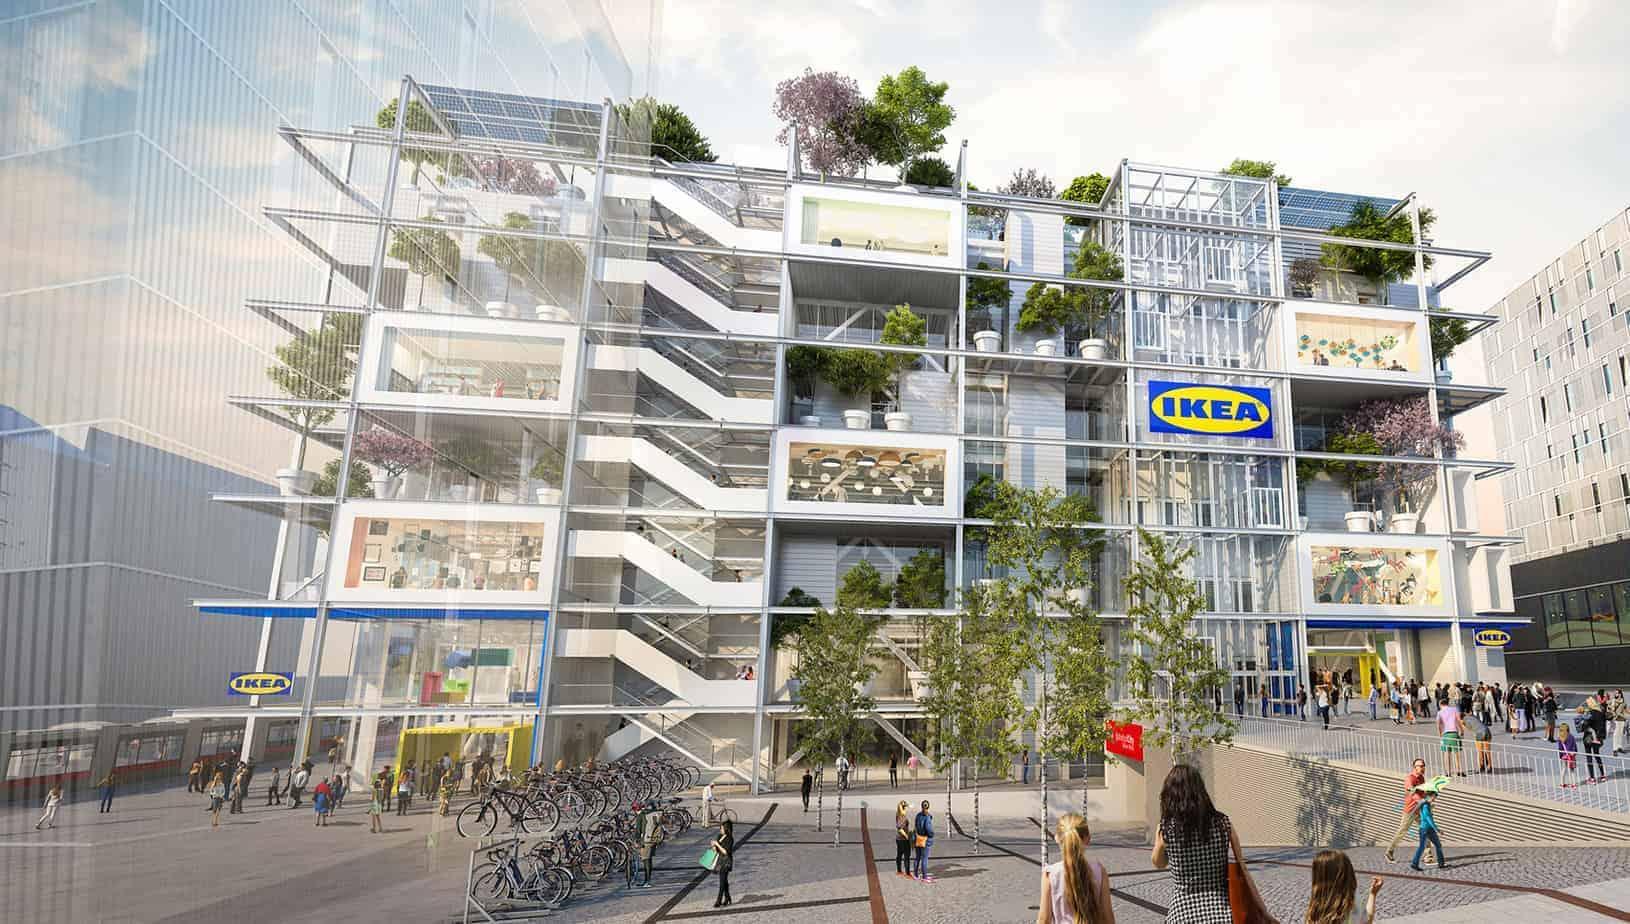 IKEA Vienna Westbahnhof